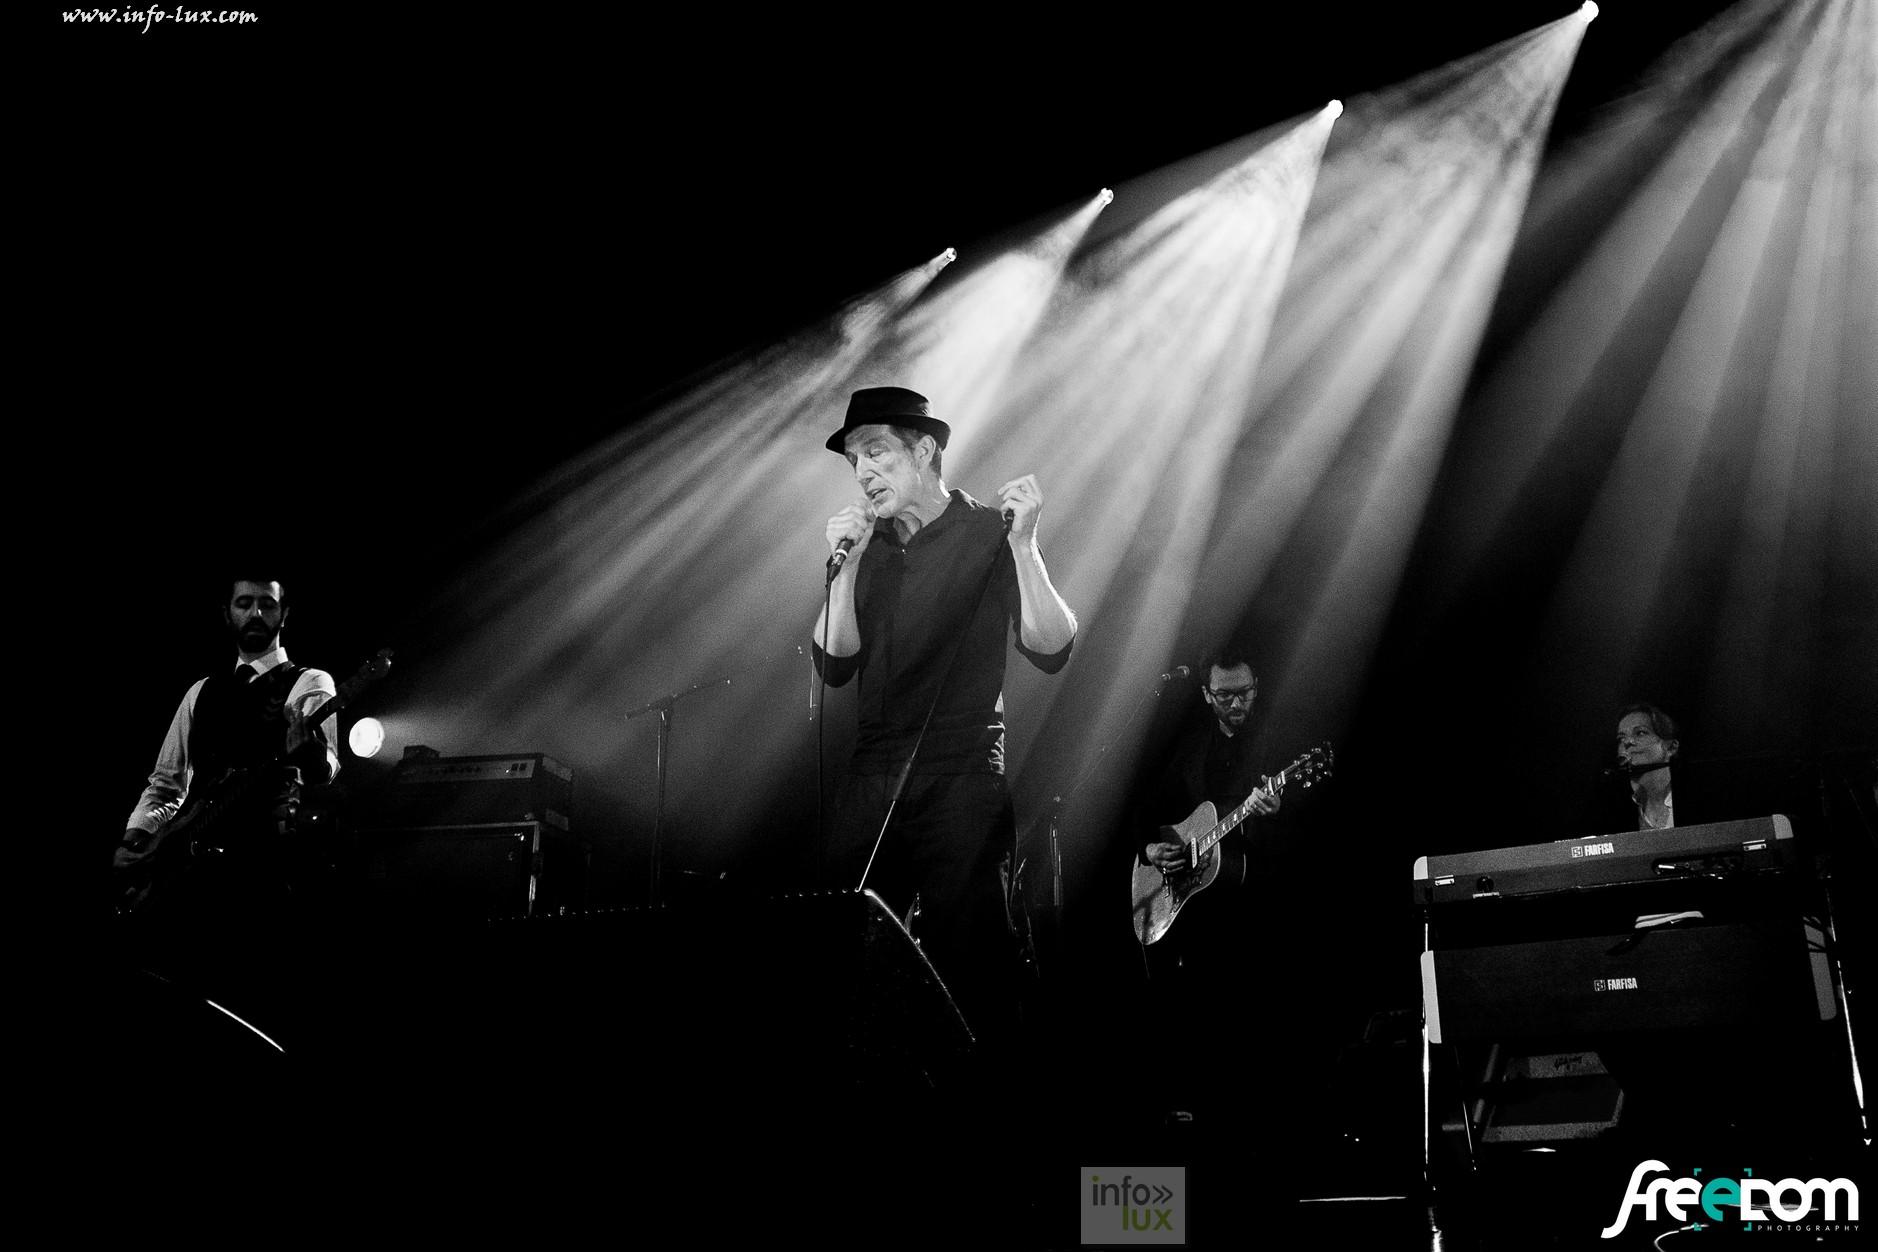 images/stories/PHOTOSREP/Bastogne/concert-moissec/2014-_miossec_bastogne-0547_LR_fp